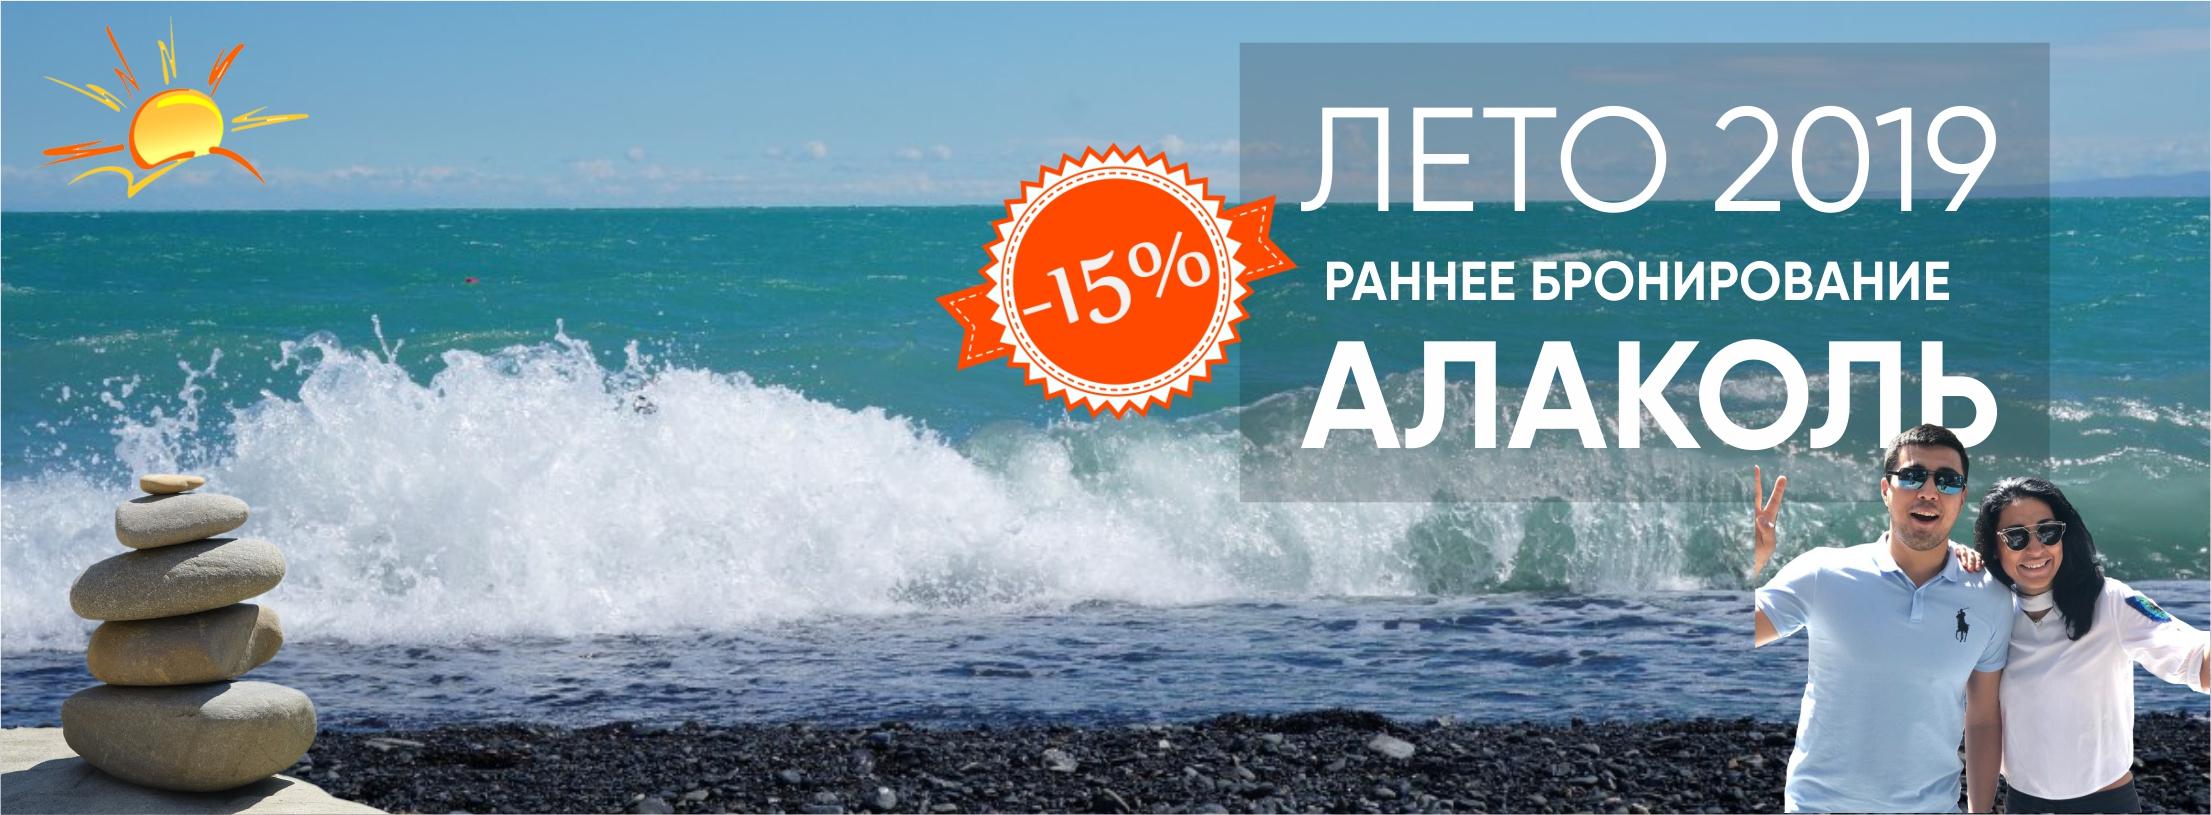 banner-na-glavnoi-alakolnew1